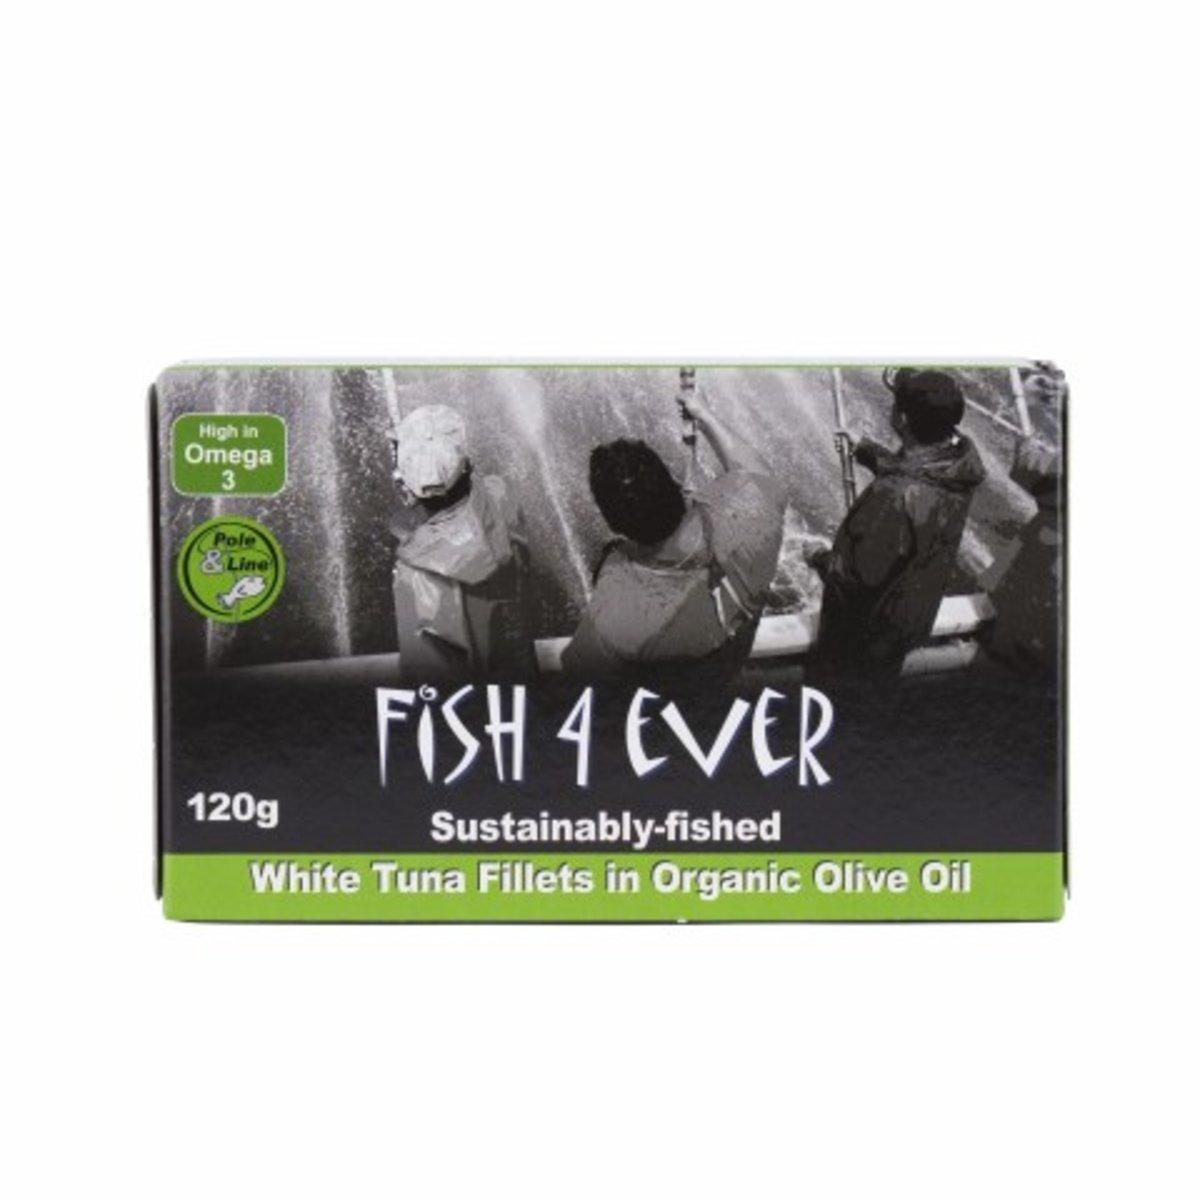 White Tuna Fish in Organic Olive Oil